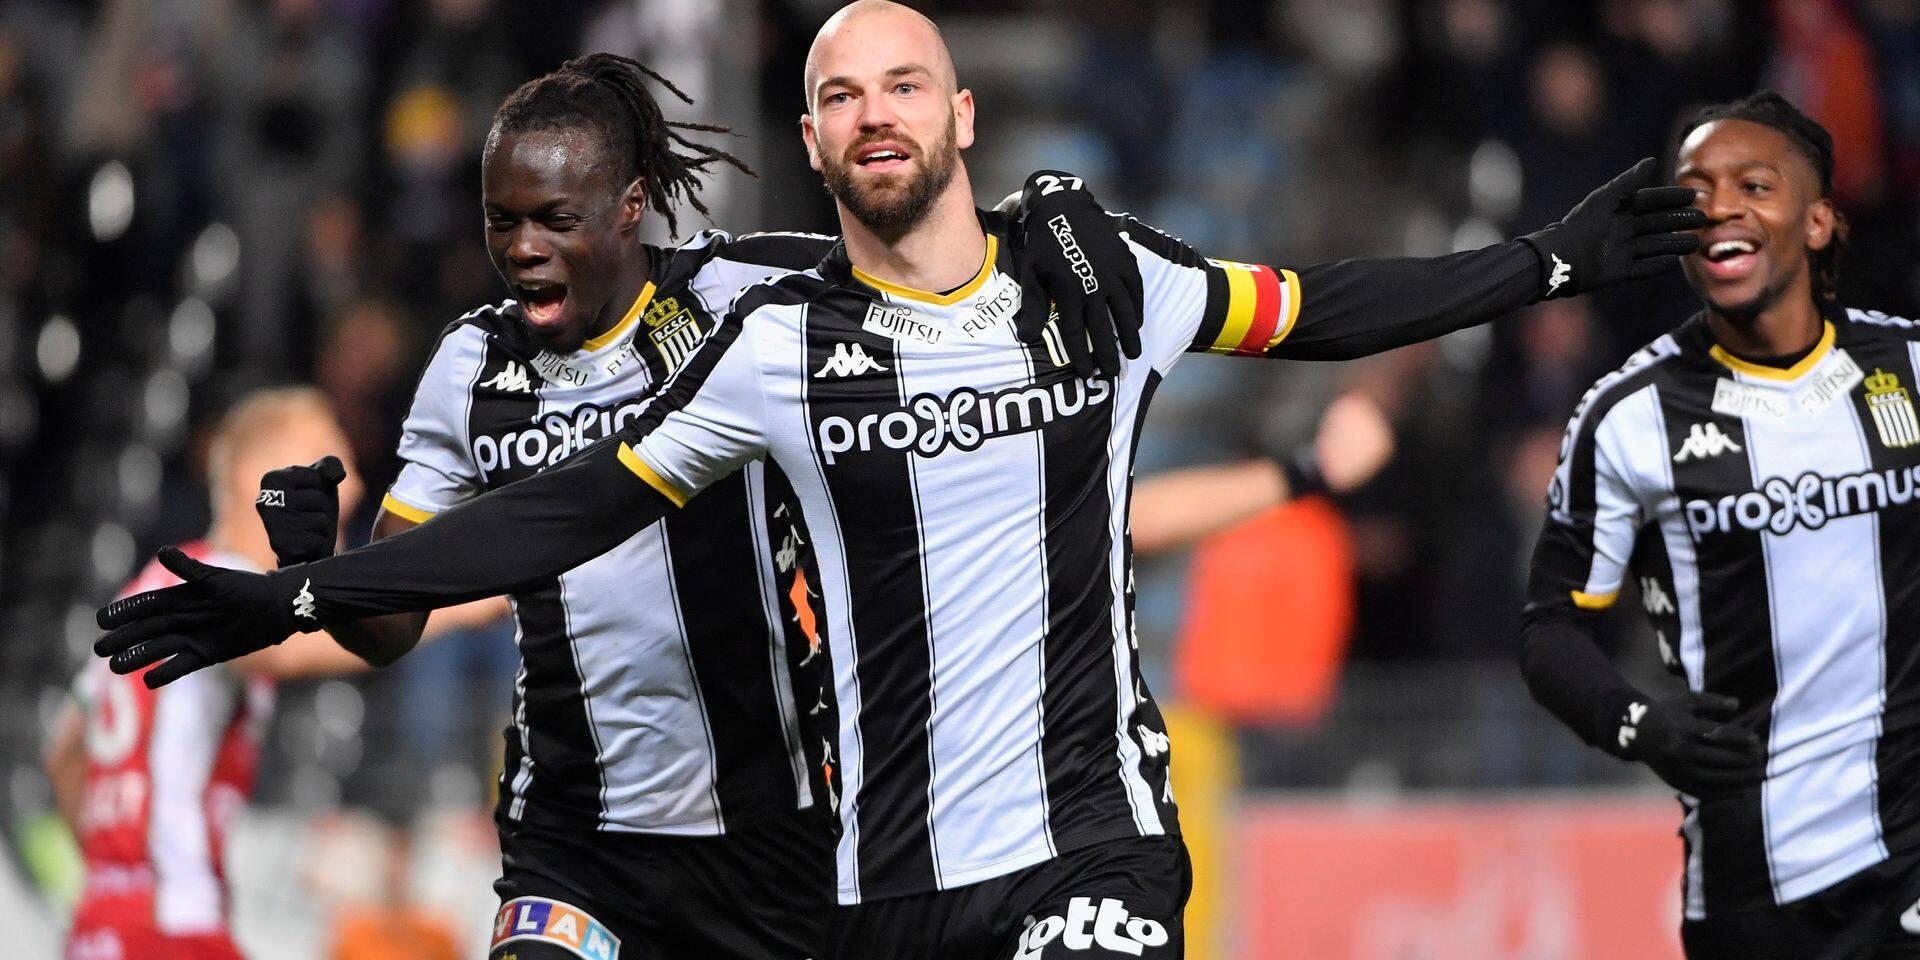 """Dessoleil, 150 matchs au Mambourg et des souvenirs plein la tête: """"Un Carolo qui qualifie l'équipe en PO1 était une belle image"""""""